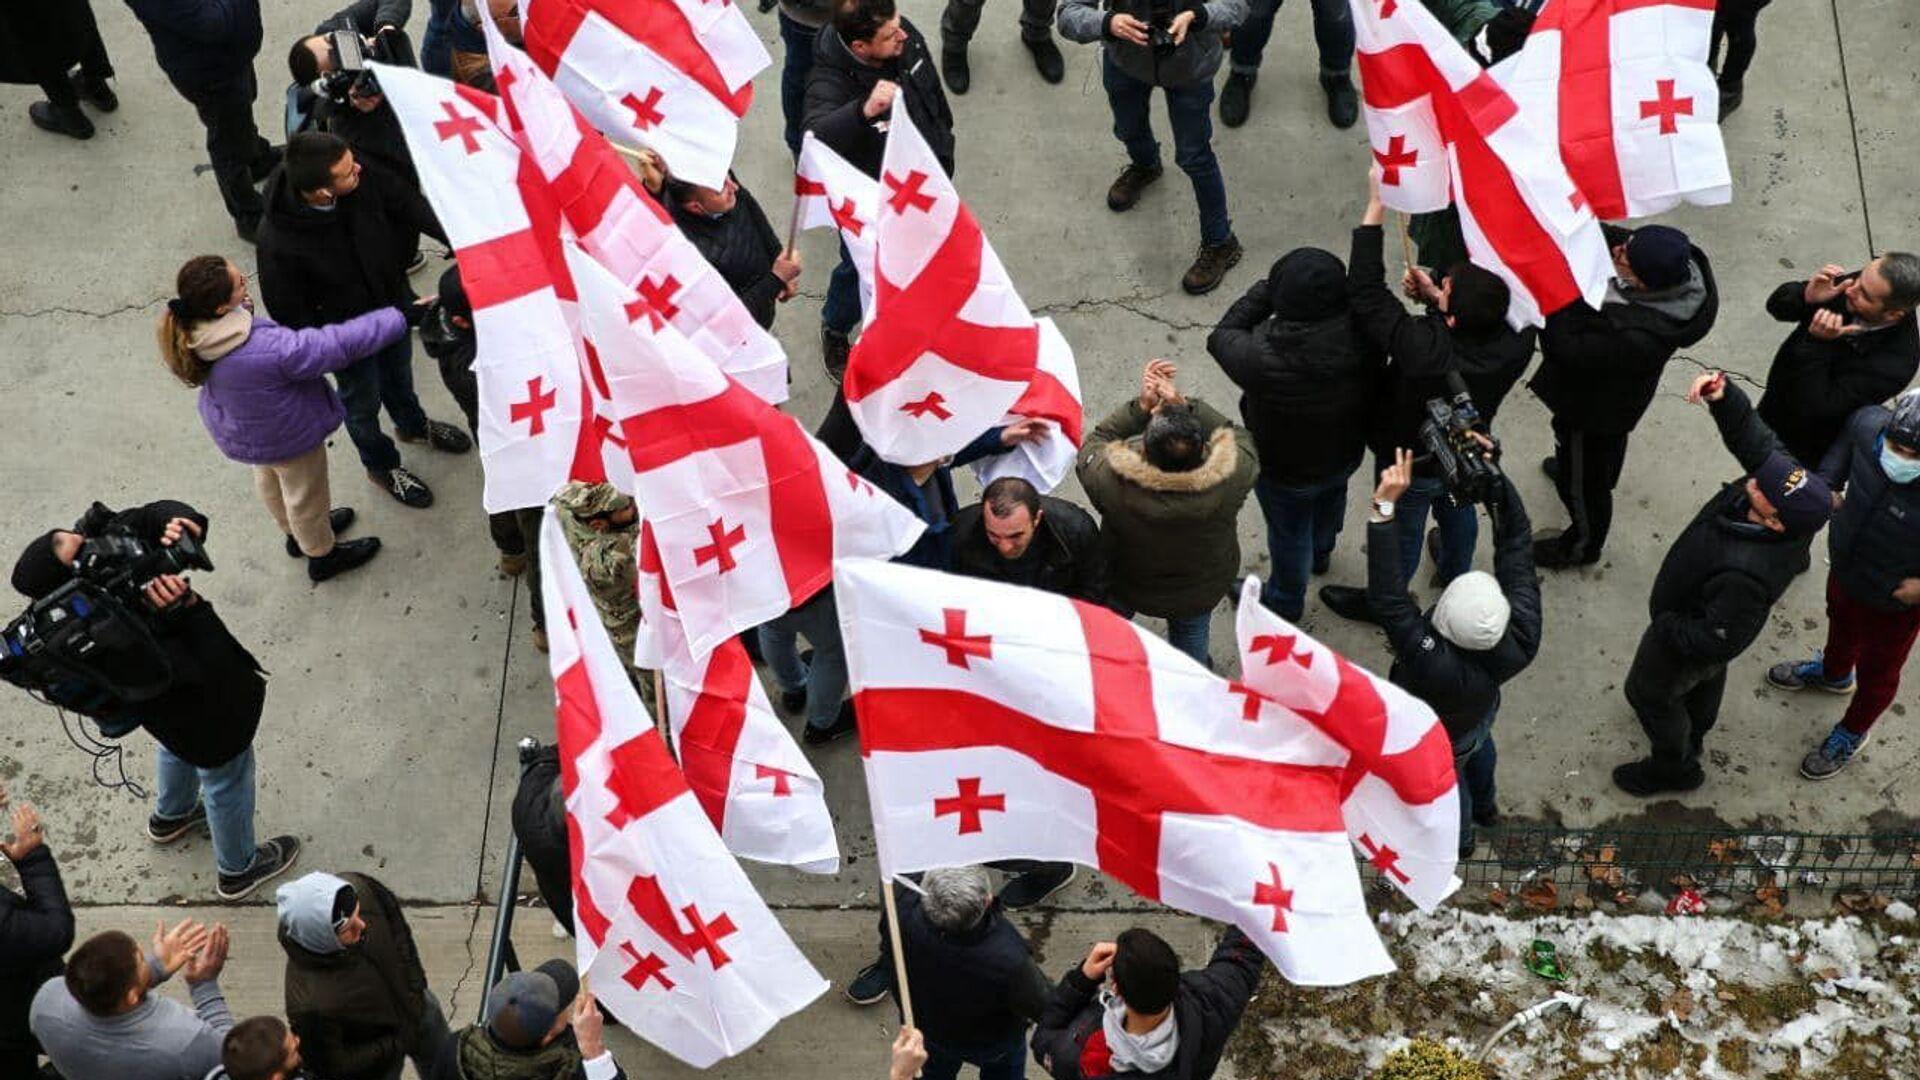 Zwolennicy opozycji z flagami w Tbilisi - Sputnik Polska, 1920, 05.07.2021